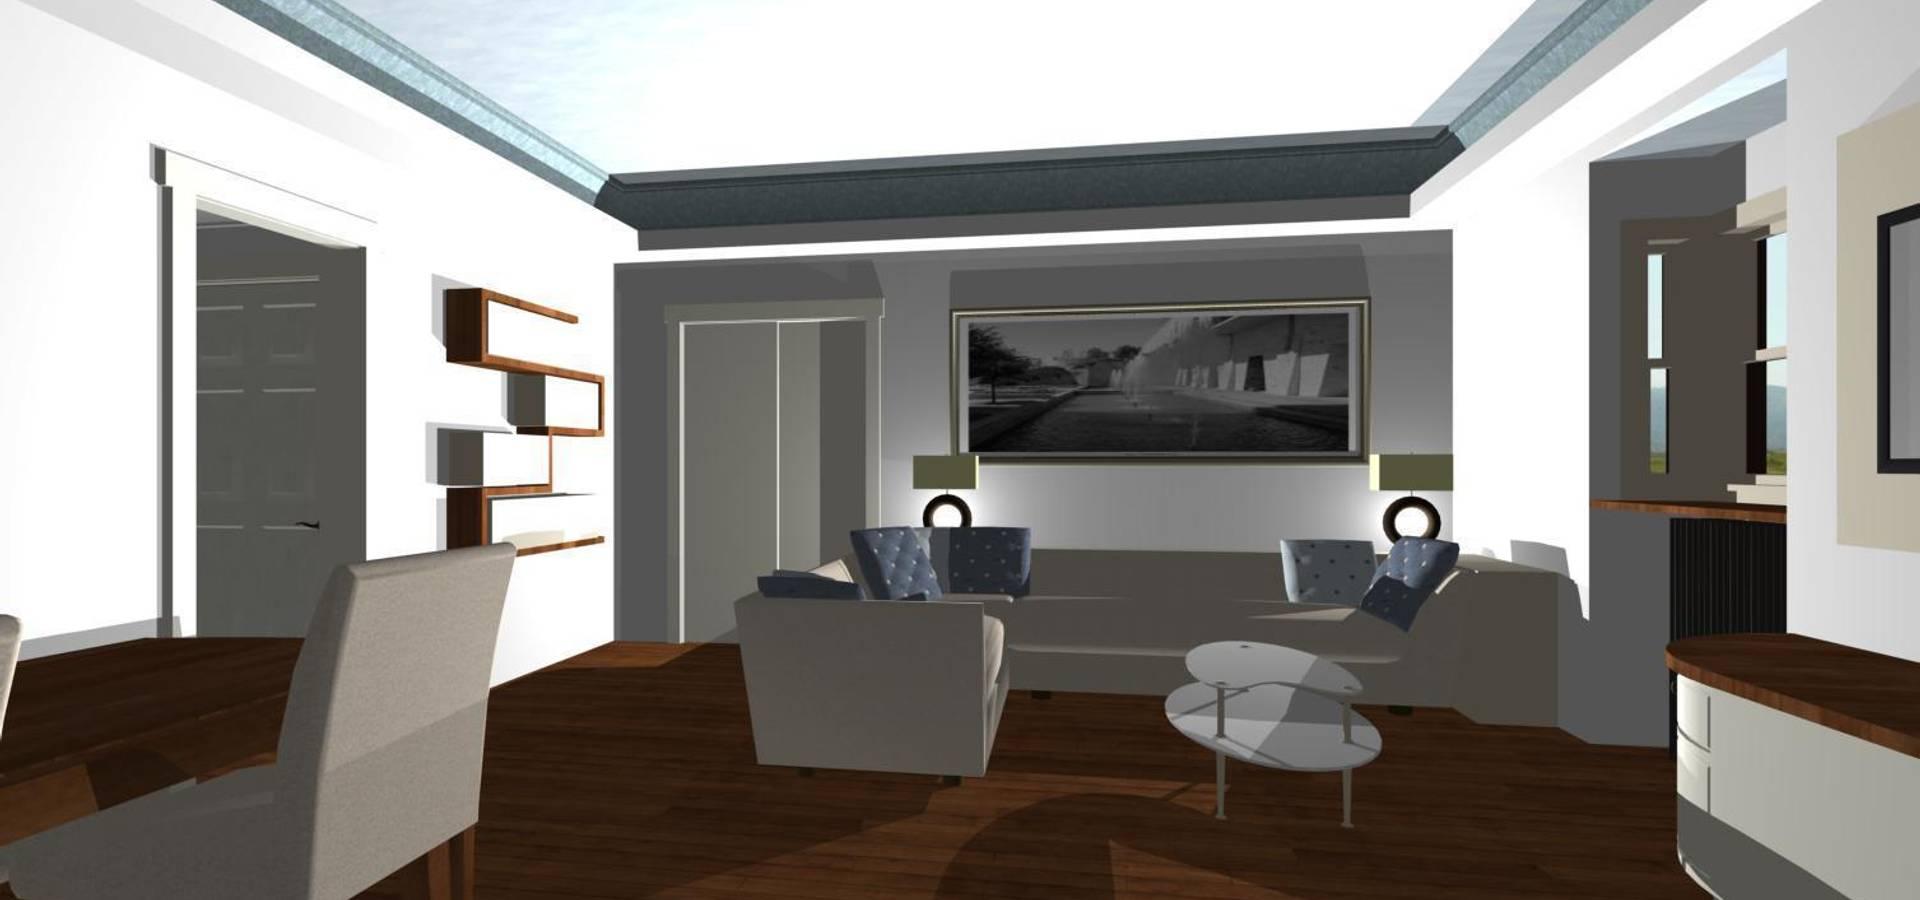 giochi di luci nel soggiorno von studio design d\'interni Frigerio ...